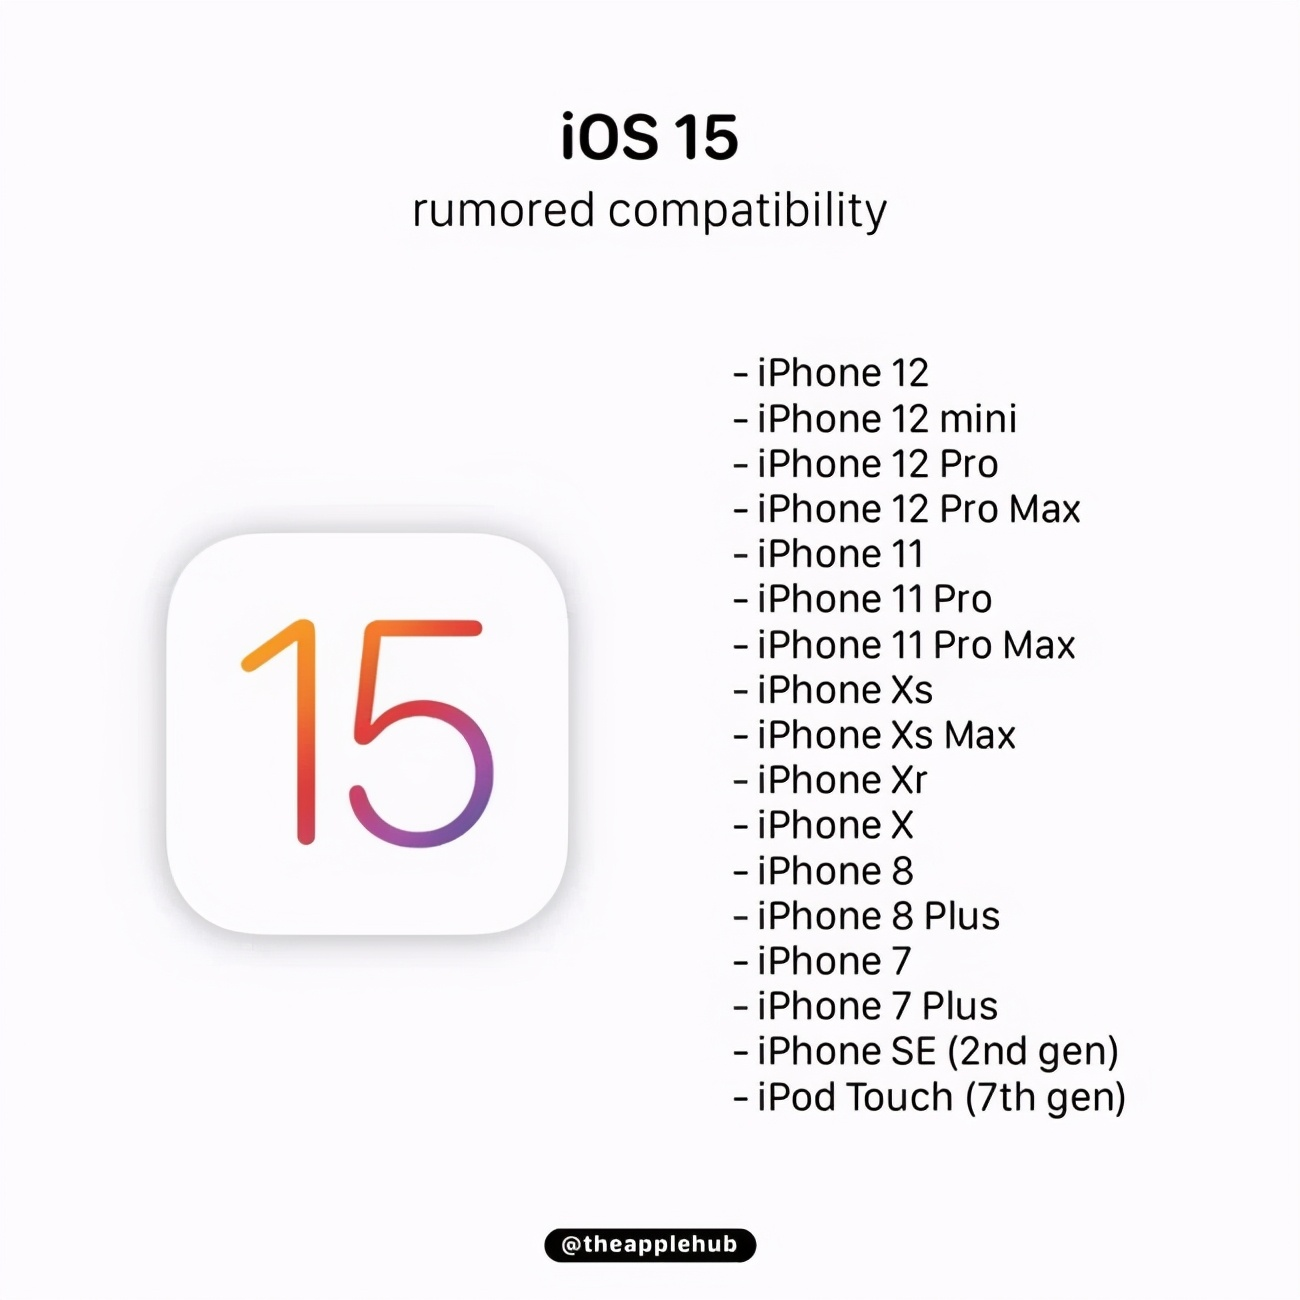 苹果WWDC21发布会让人七代:iPad mini6成彩蛋?